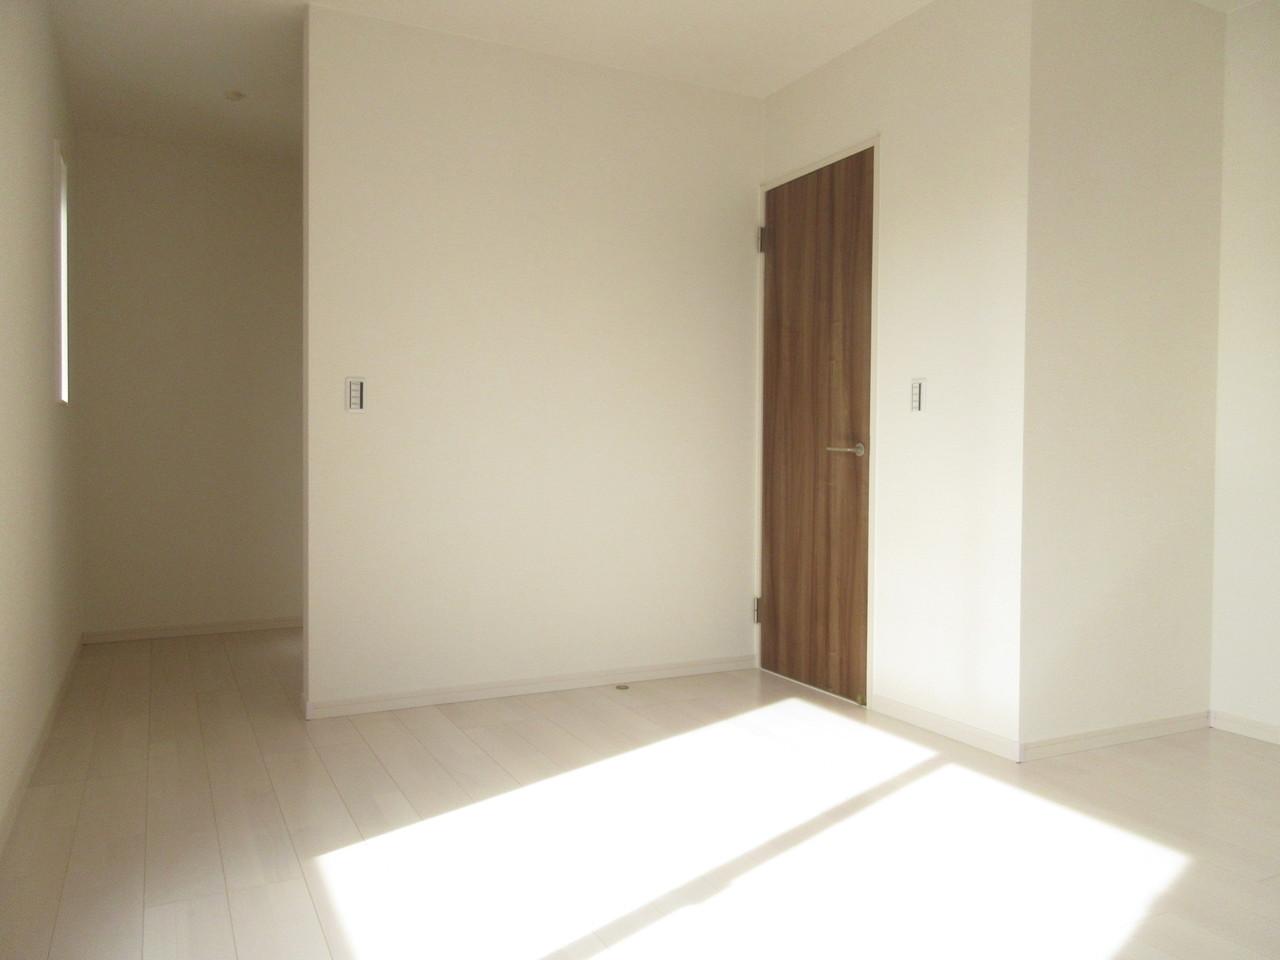 2階には洋室が3部屋あり全て6帖以上!どの部屋を何に使おうか考えるのも楽しですね(^^)